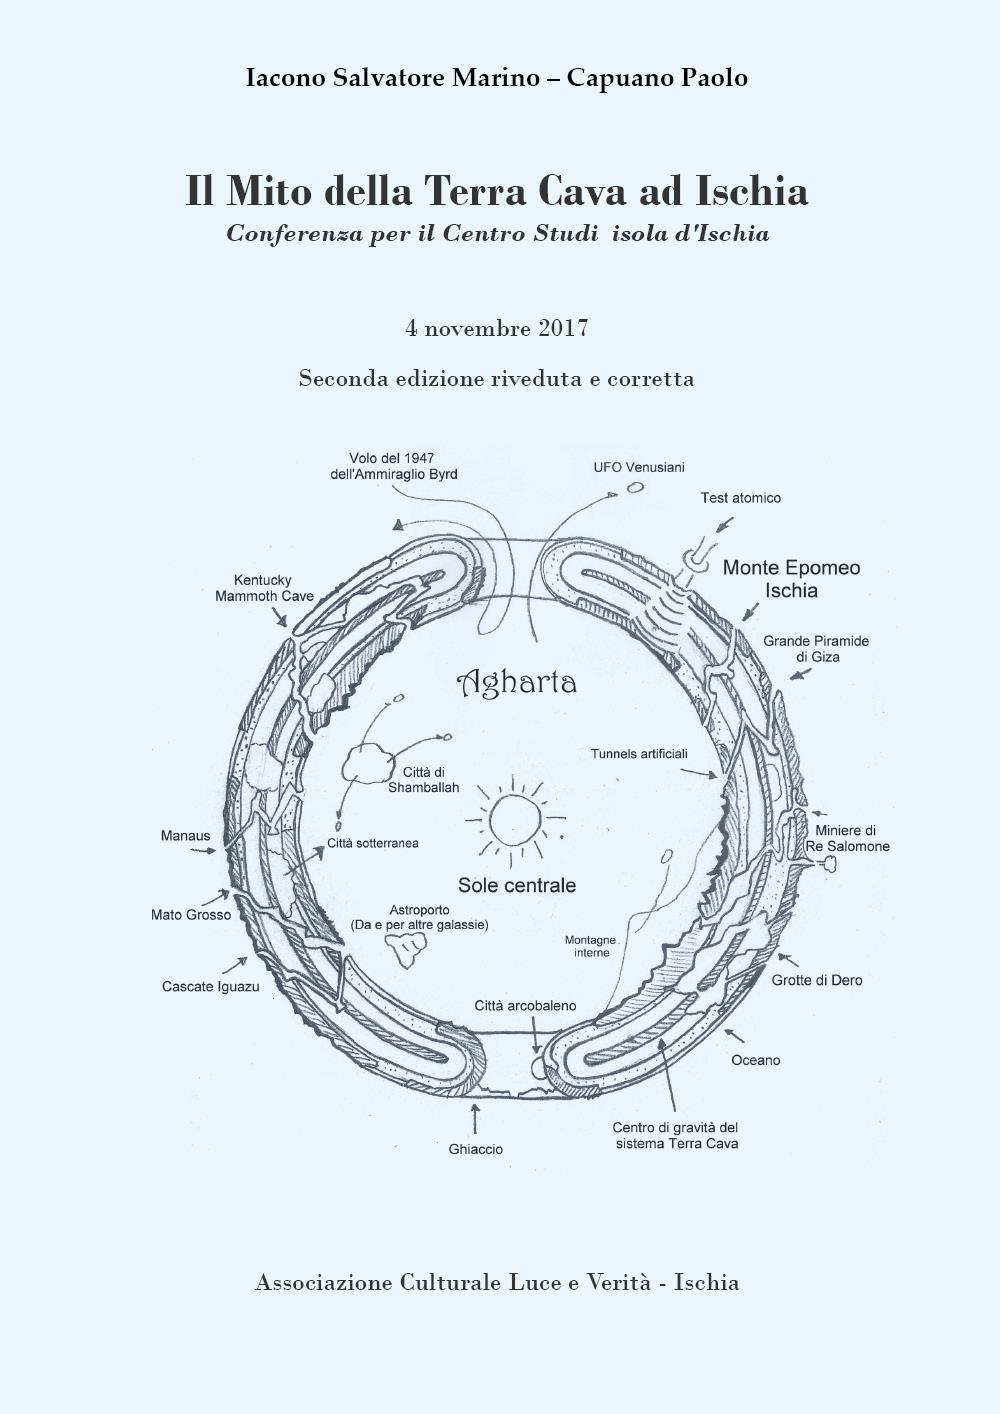 Il mito della Terra Cava ad Ischia